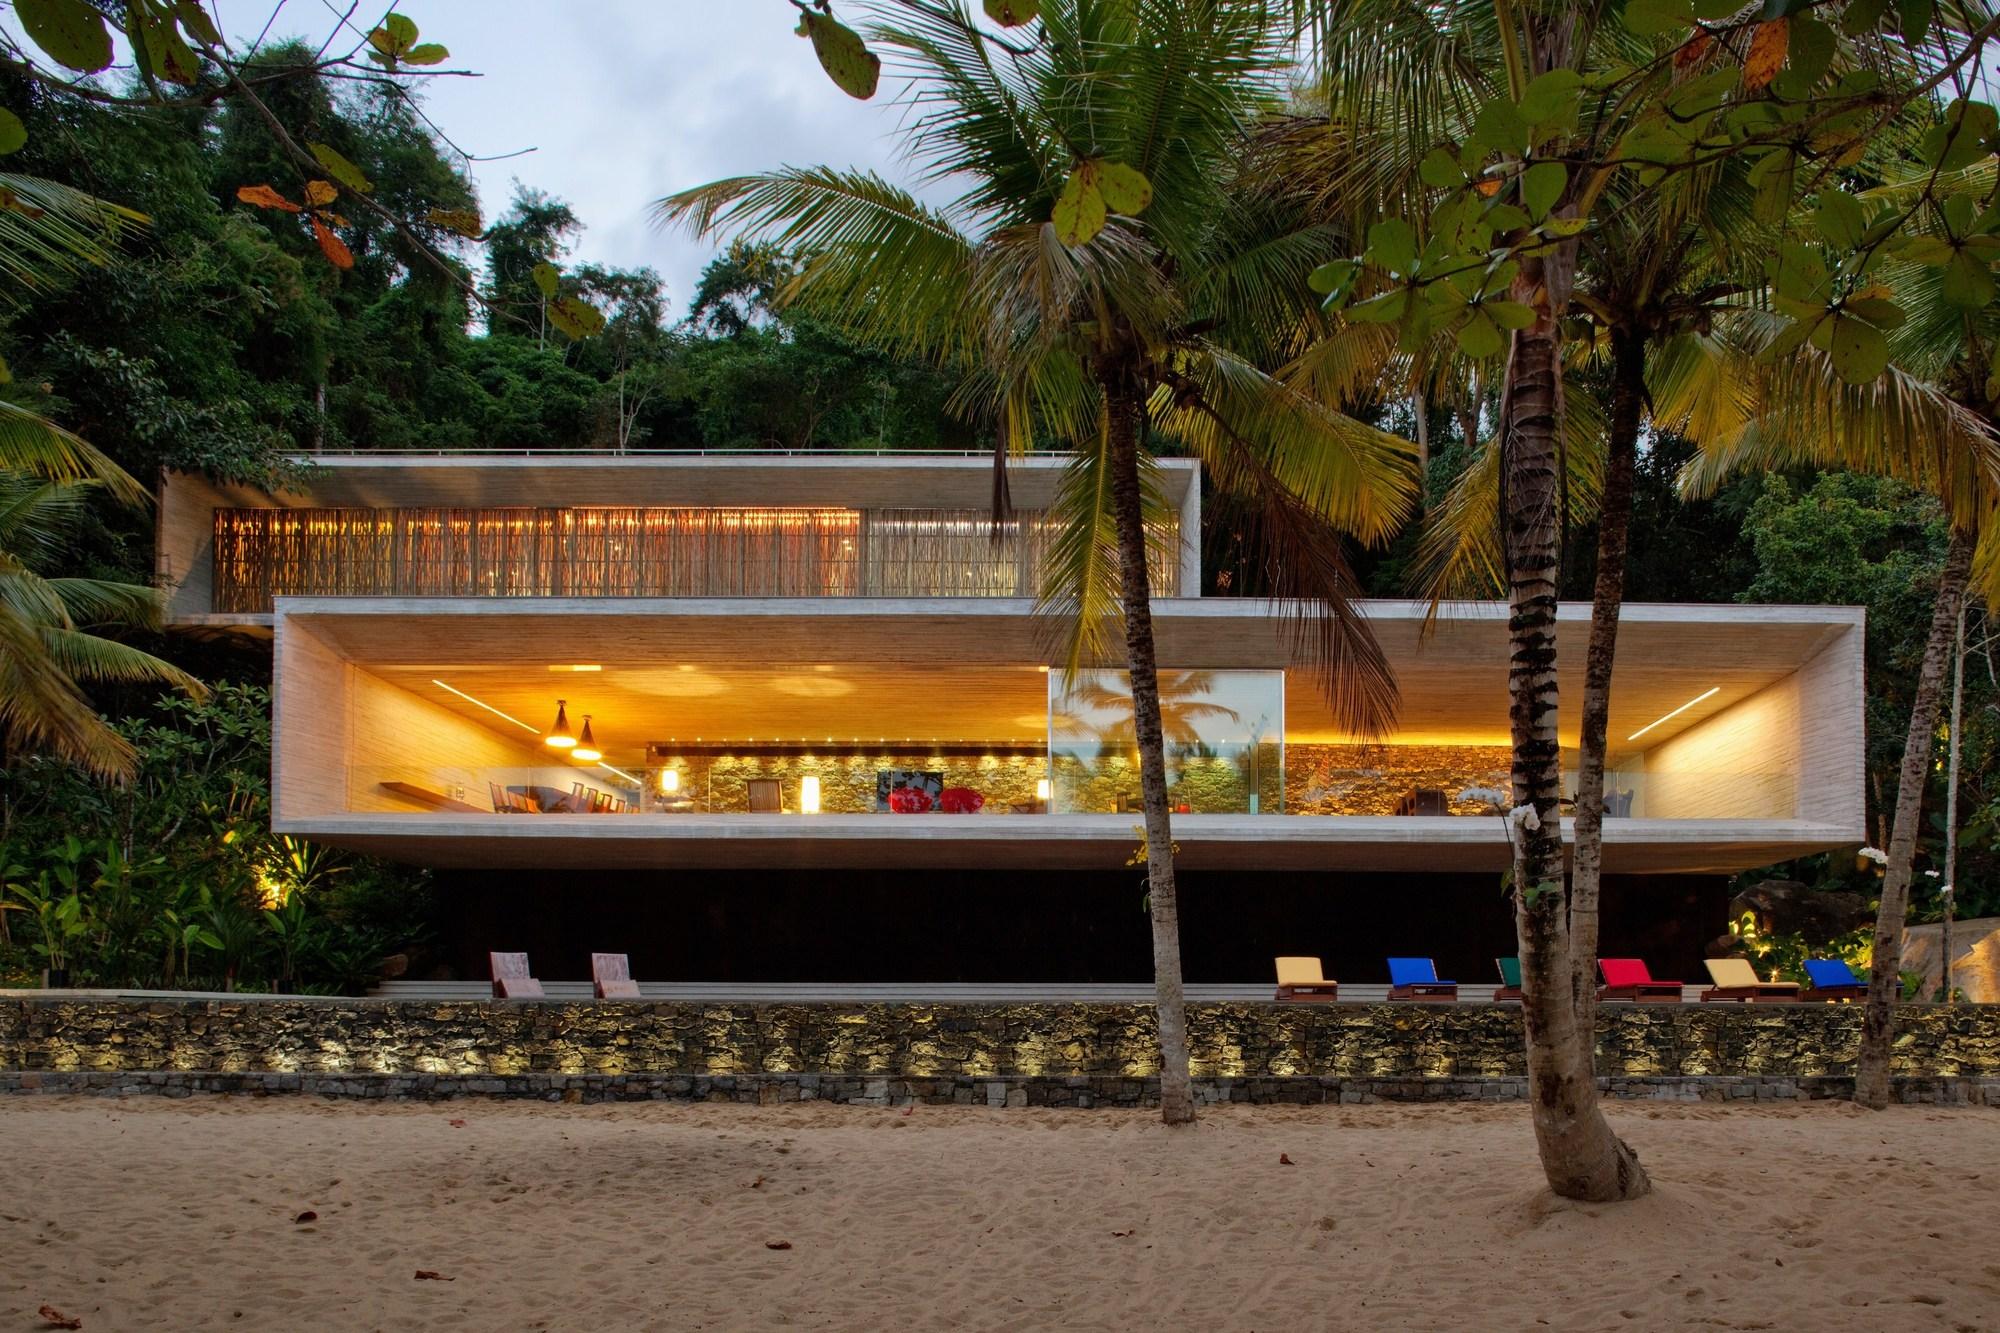 marciokogan a arquiteta2 - Maiores arquitetos brasileiros: conheça os principais nomes da nossa arquitetura